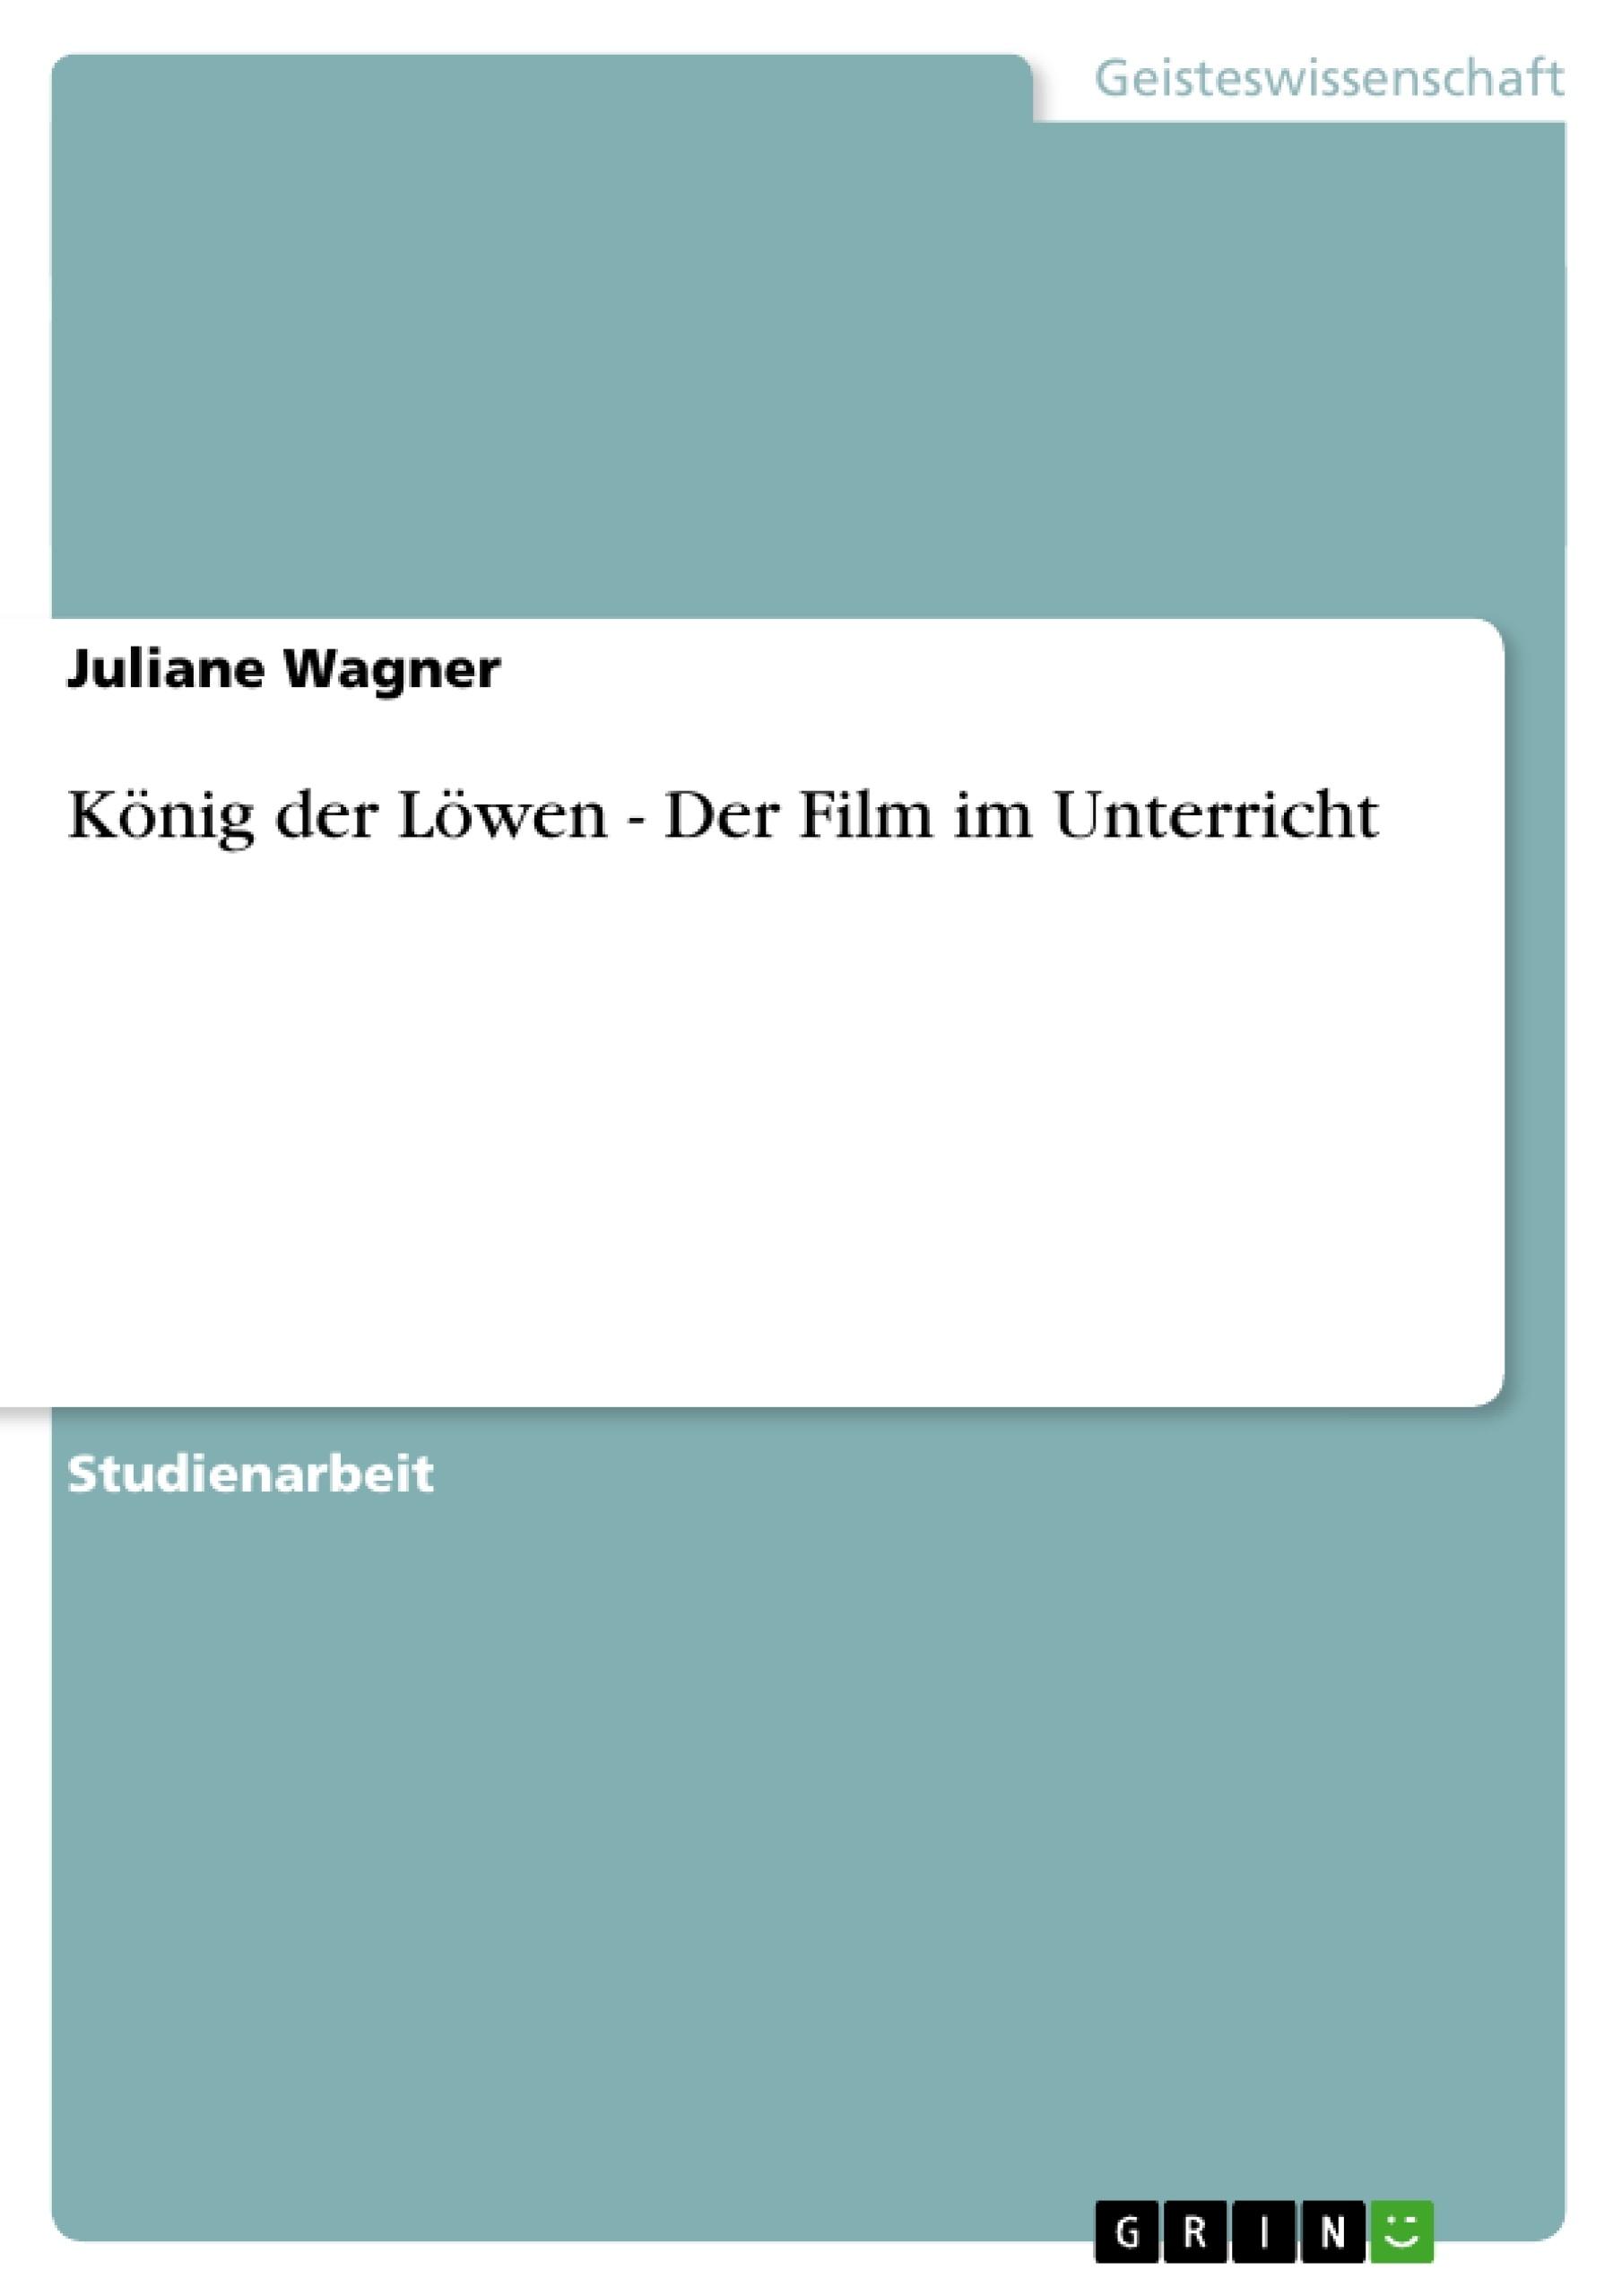 Titel: König der Löwen - Der Film im Unterricht